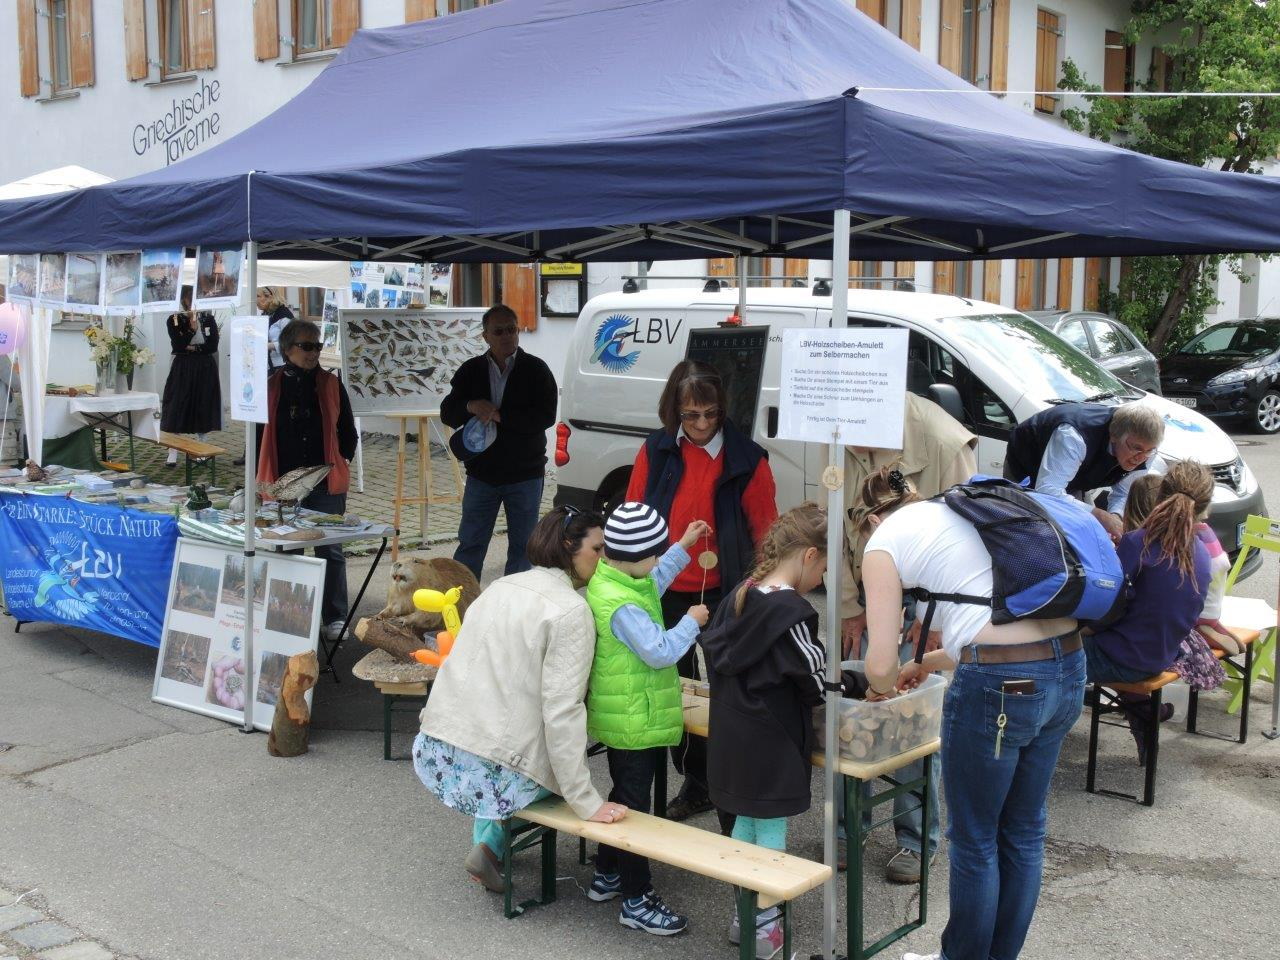 Öffentlichkeitsarbeit: LBV-Stand beim Marktsonntag in Inning